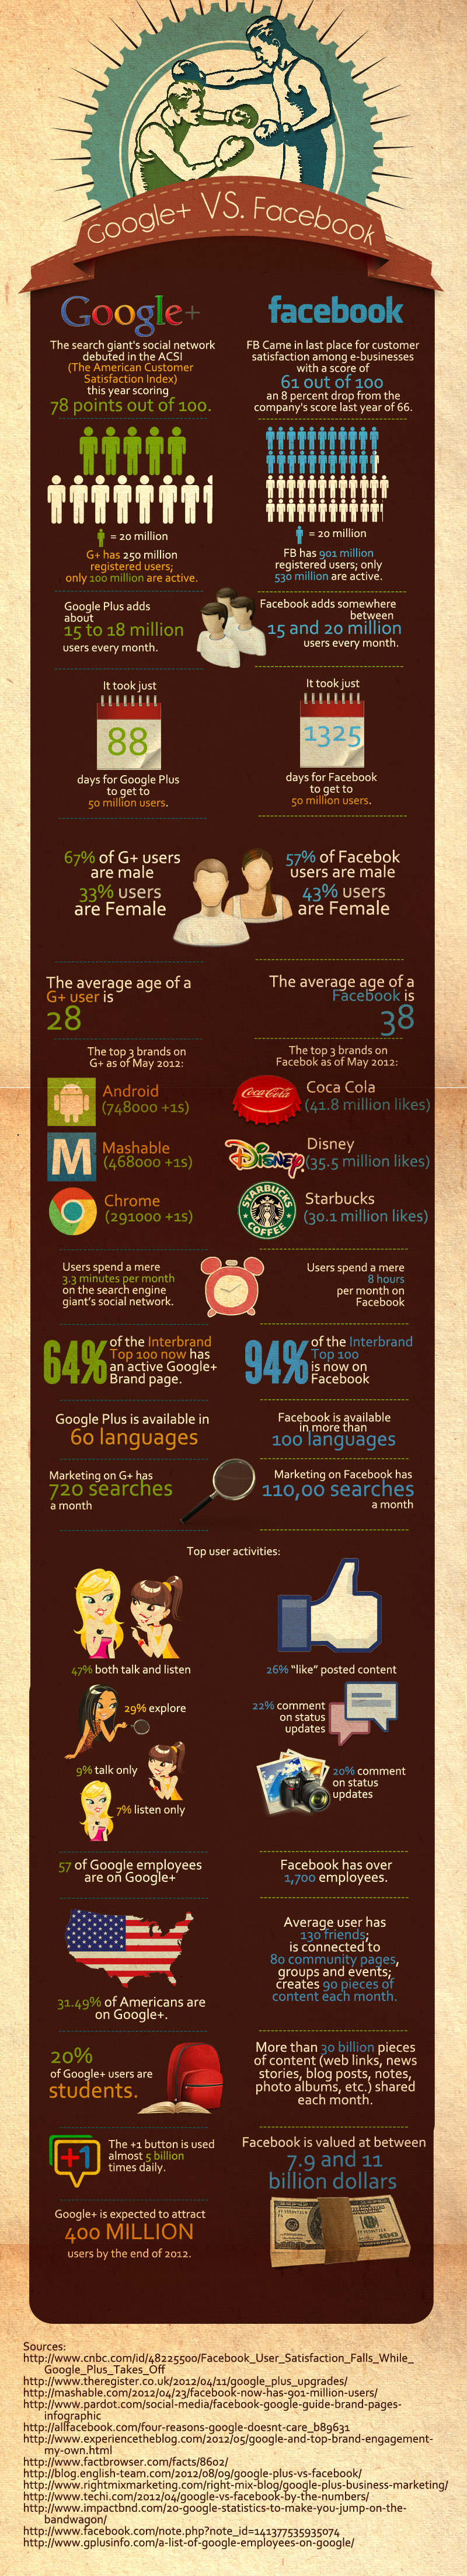 Google Plus Vs Facebook Ifnographic